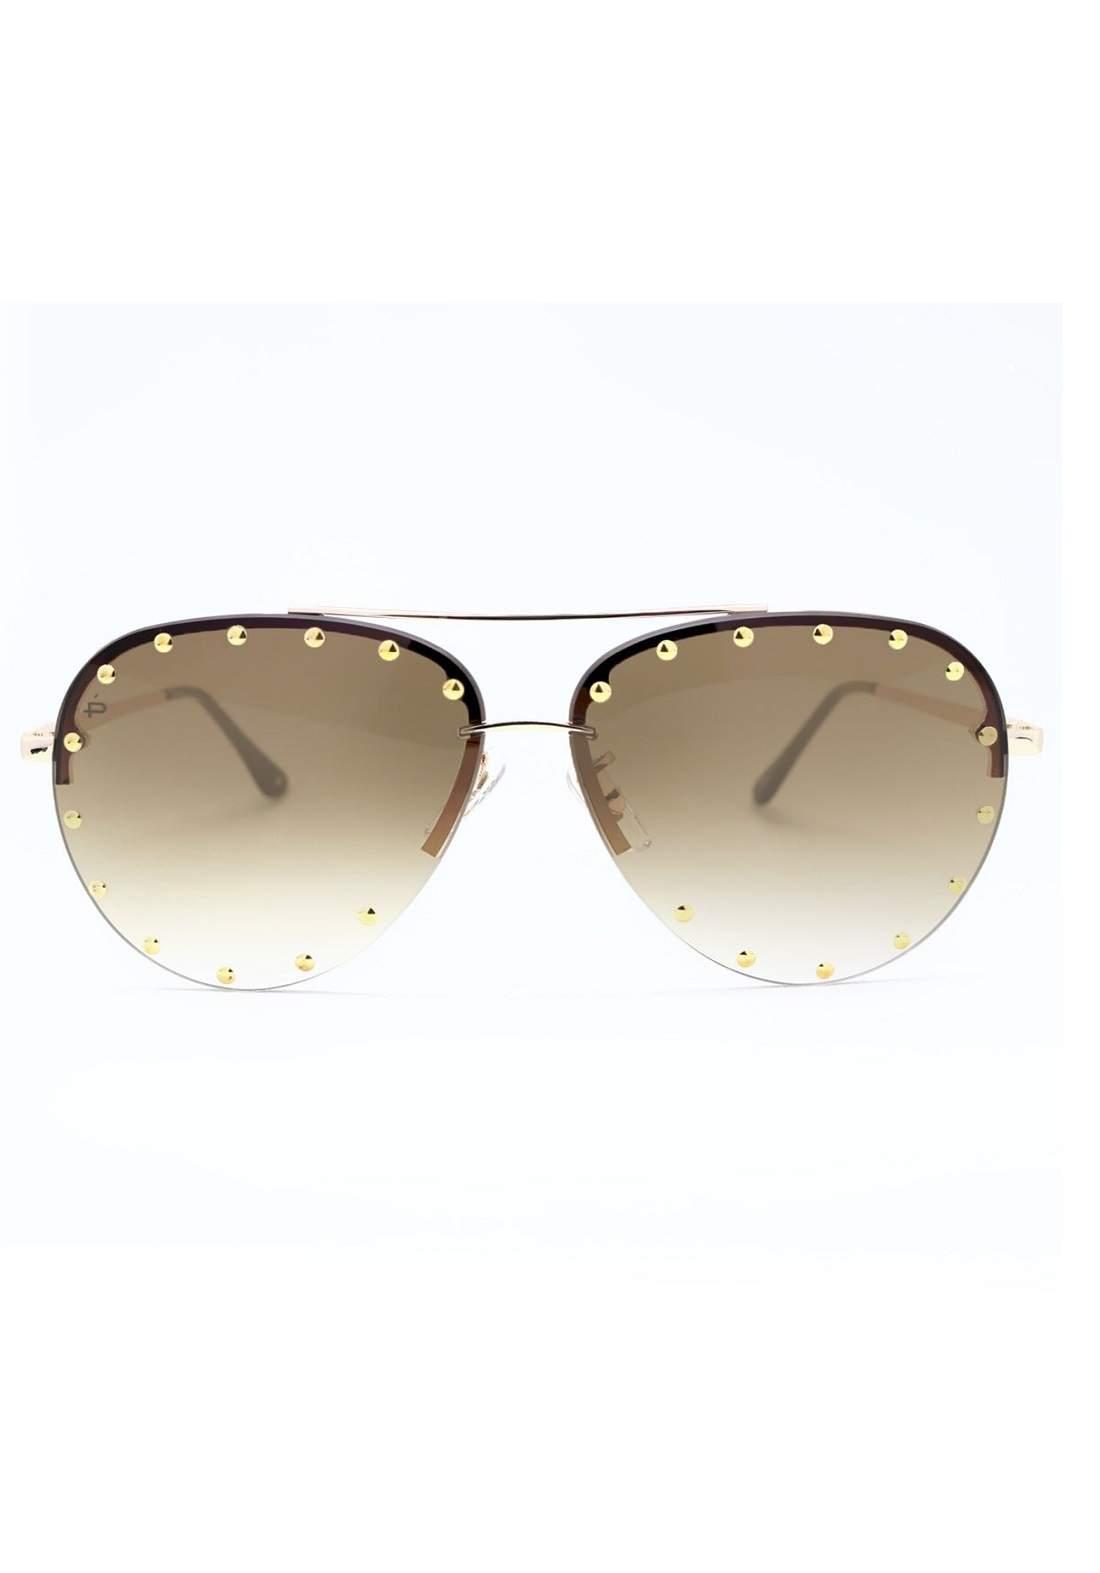 نظارة نسائية من Prive Revaux The Sixthman بني اللون